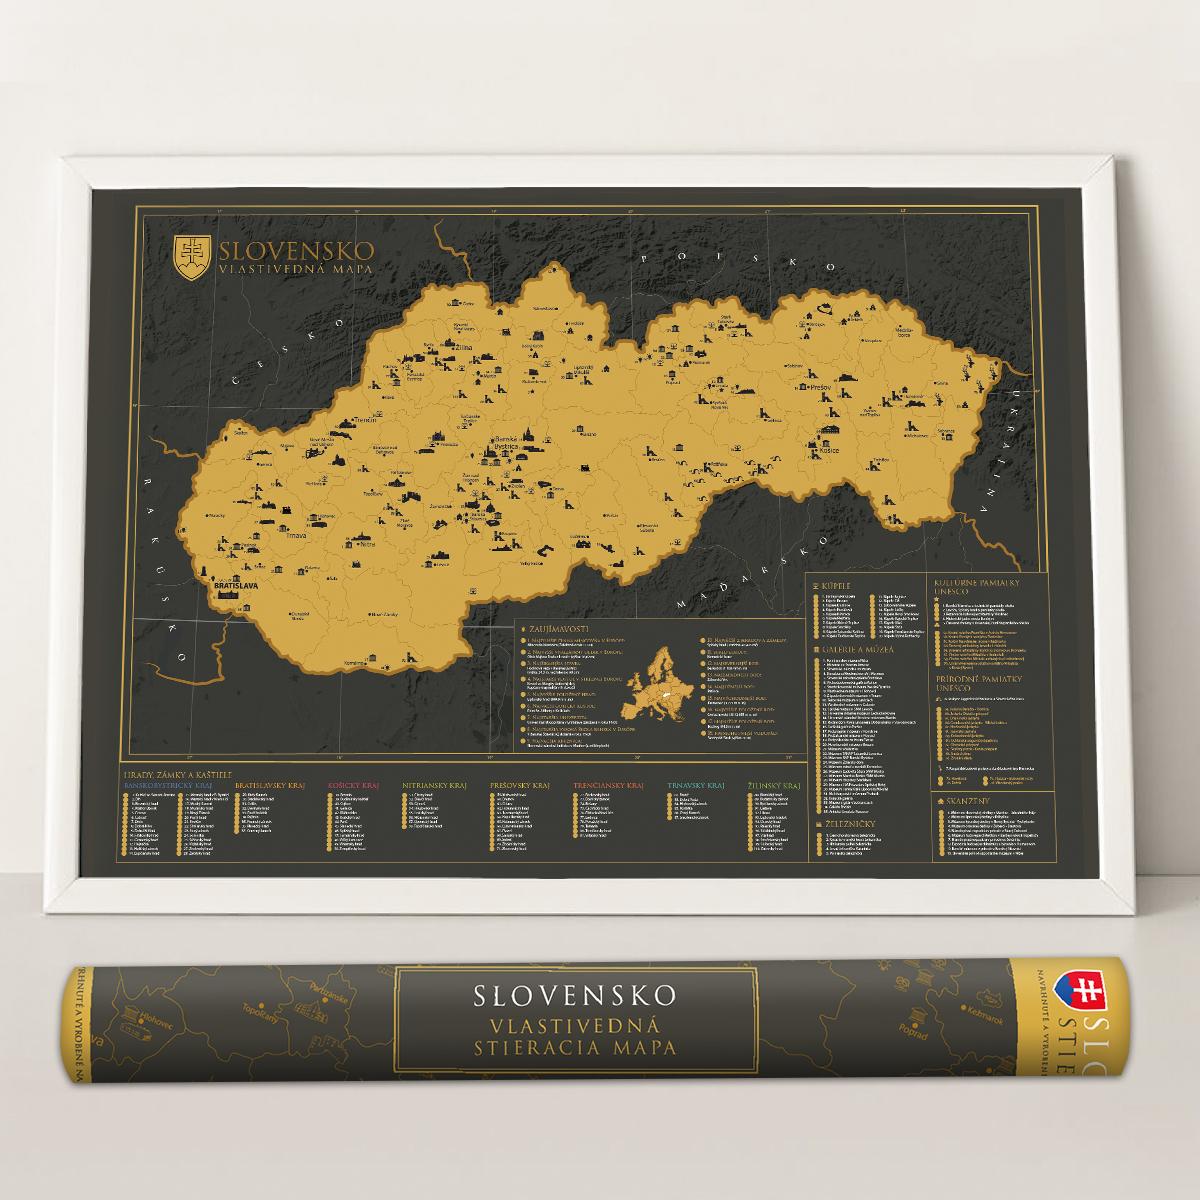 Stieracia mapa Slovenska - vlastivedná - darčeková verzia